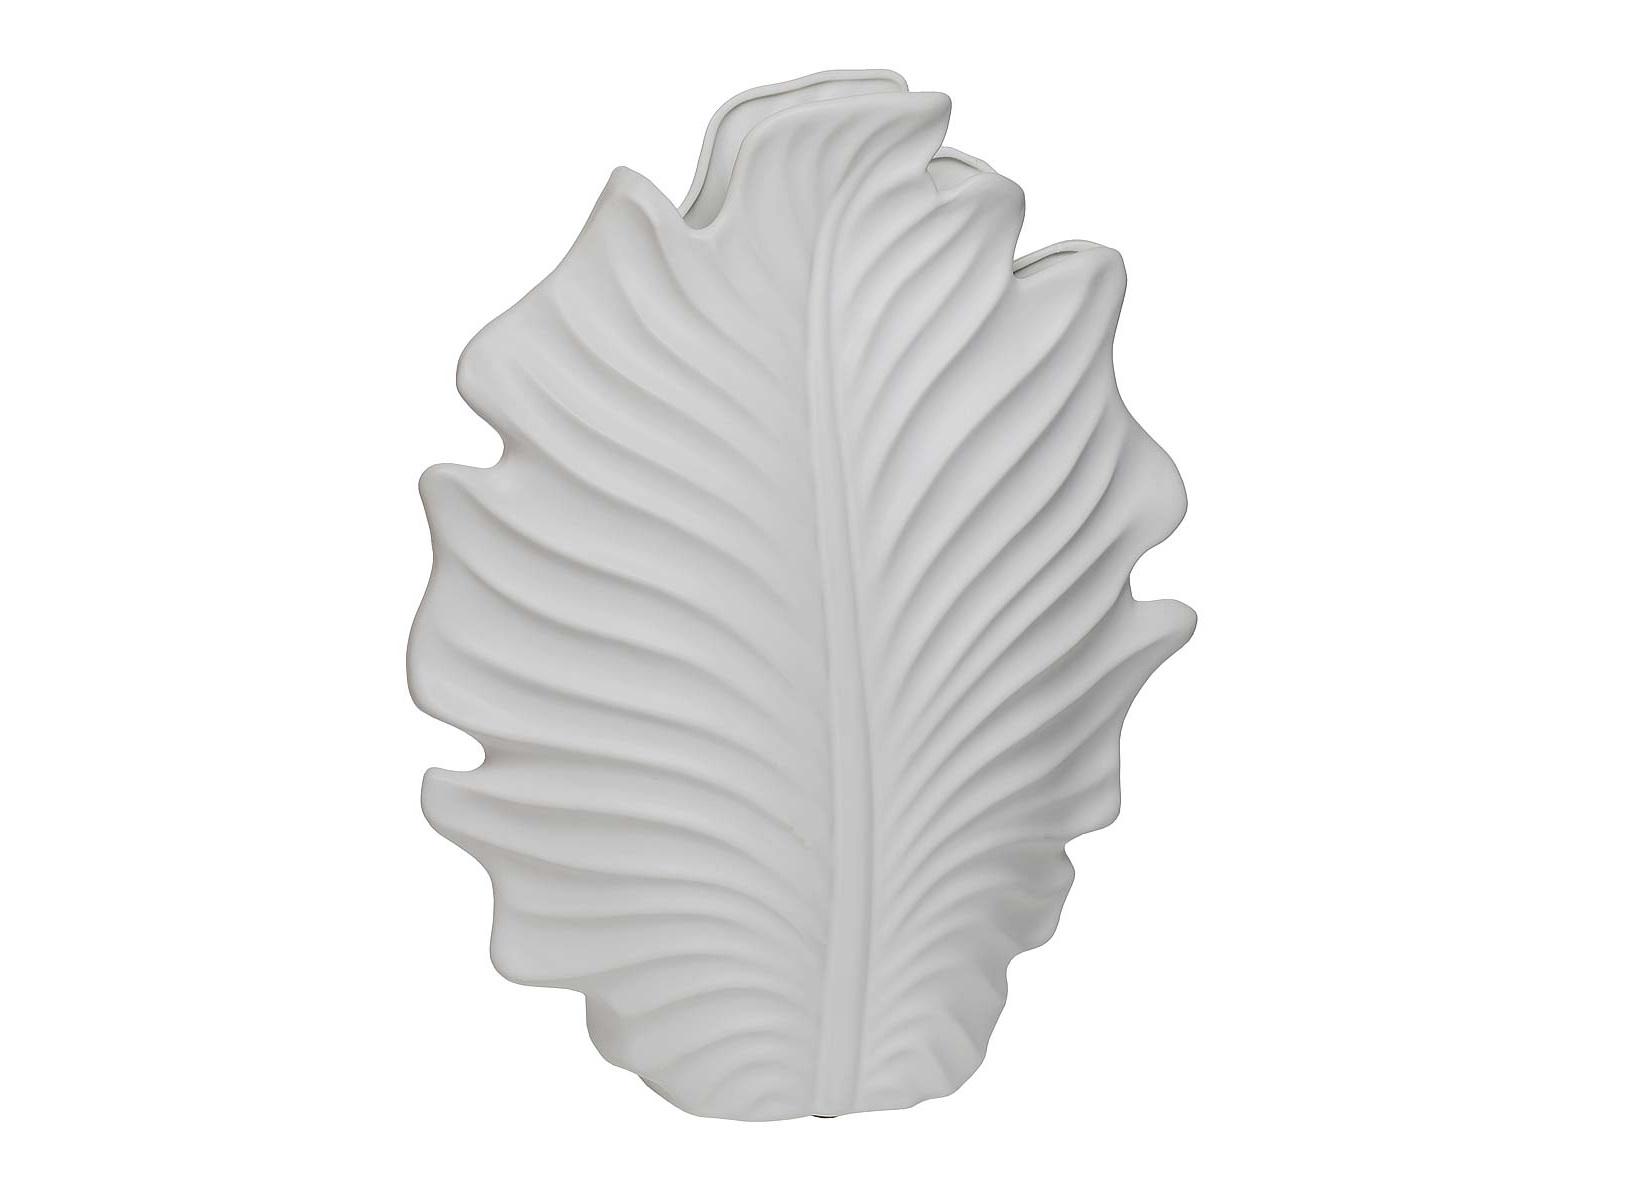 ВазаВазы<br><br><br>Material: Керамика<br>Width см: 30<br>Depth см: 11<br>Height см: 37,5